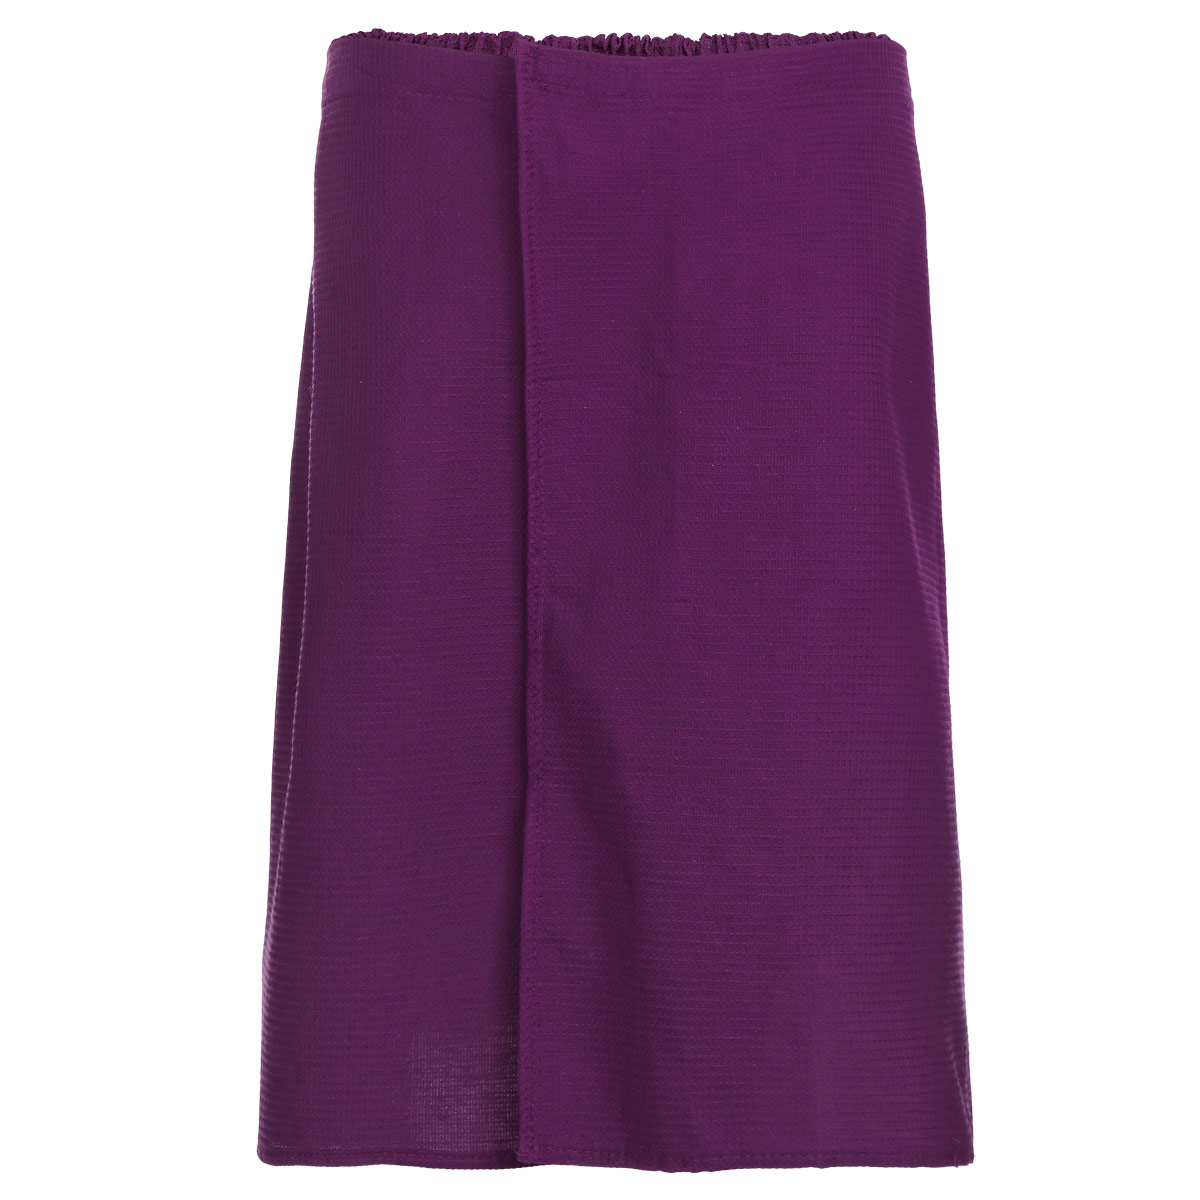 Килт для бани и сауны Банные штучки, мужской, цвет: фиолетовый килт для бани и сауны банные штучки мужской цвет голубой